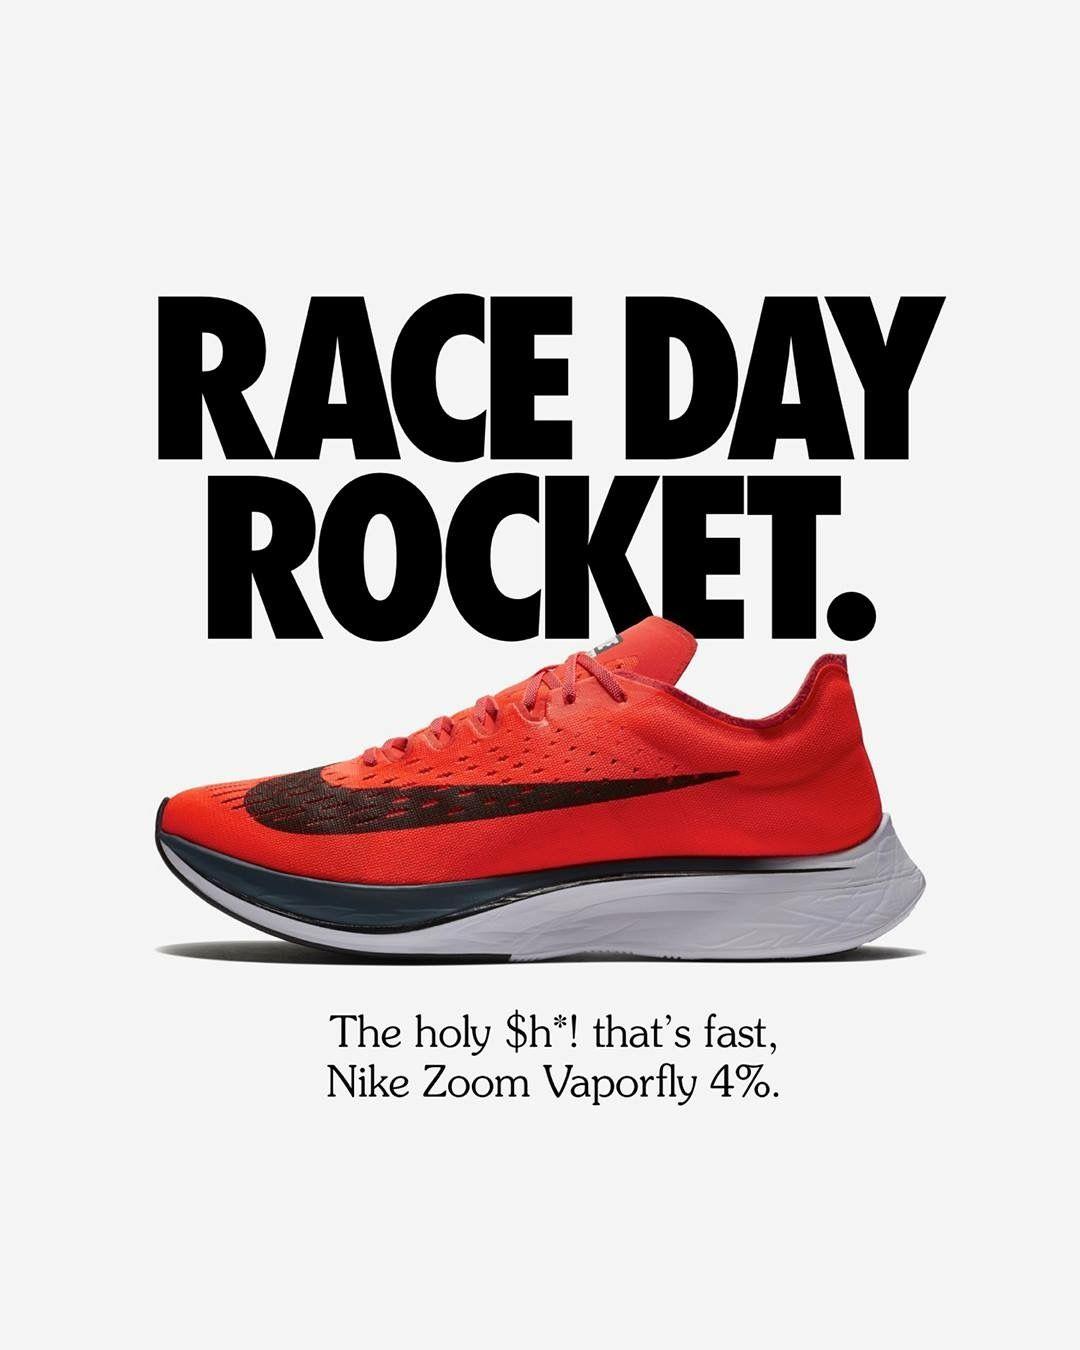 6968863a6aab1 Nike Zoom Vaporfly 4%